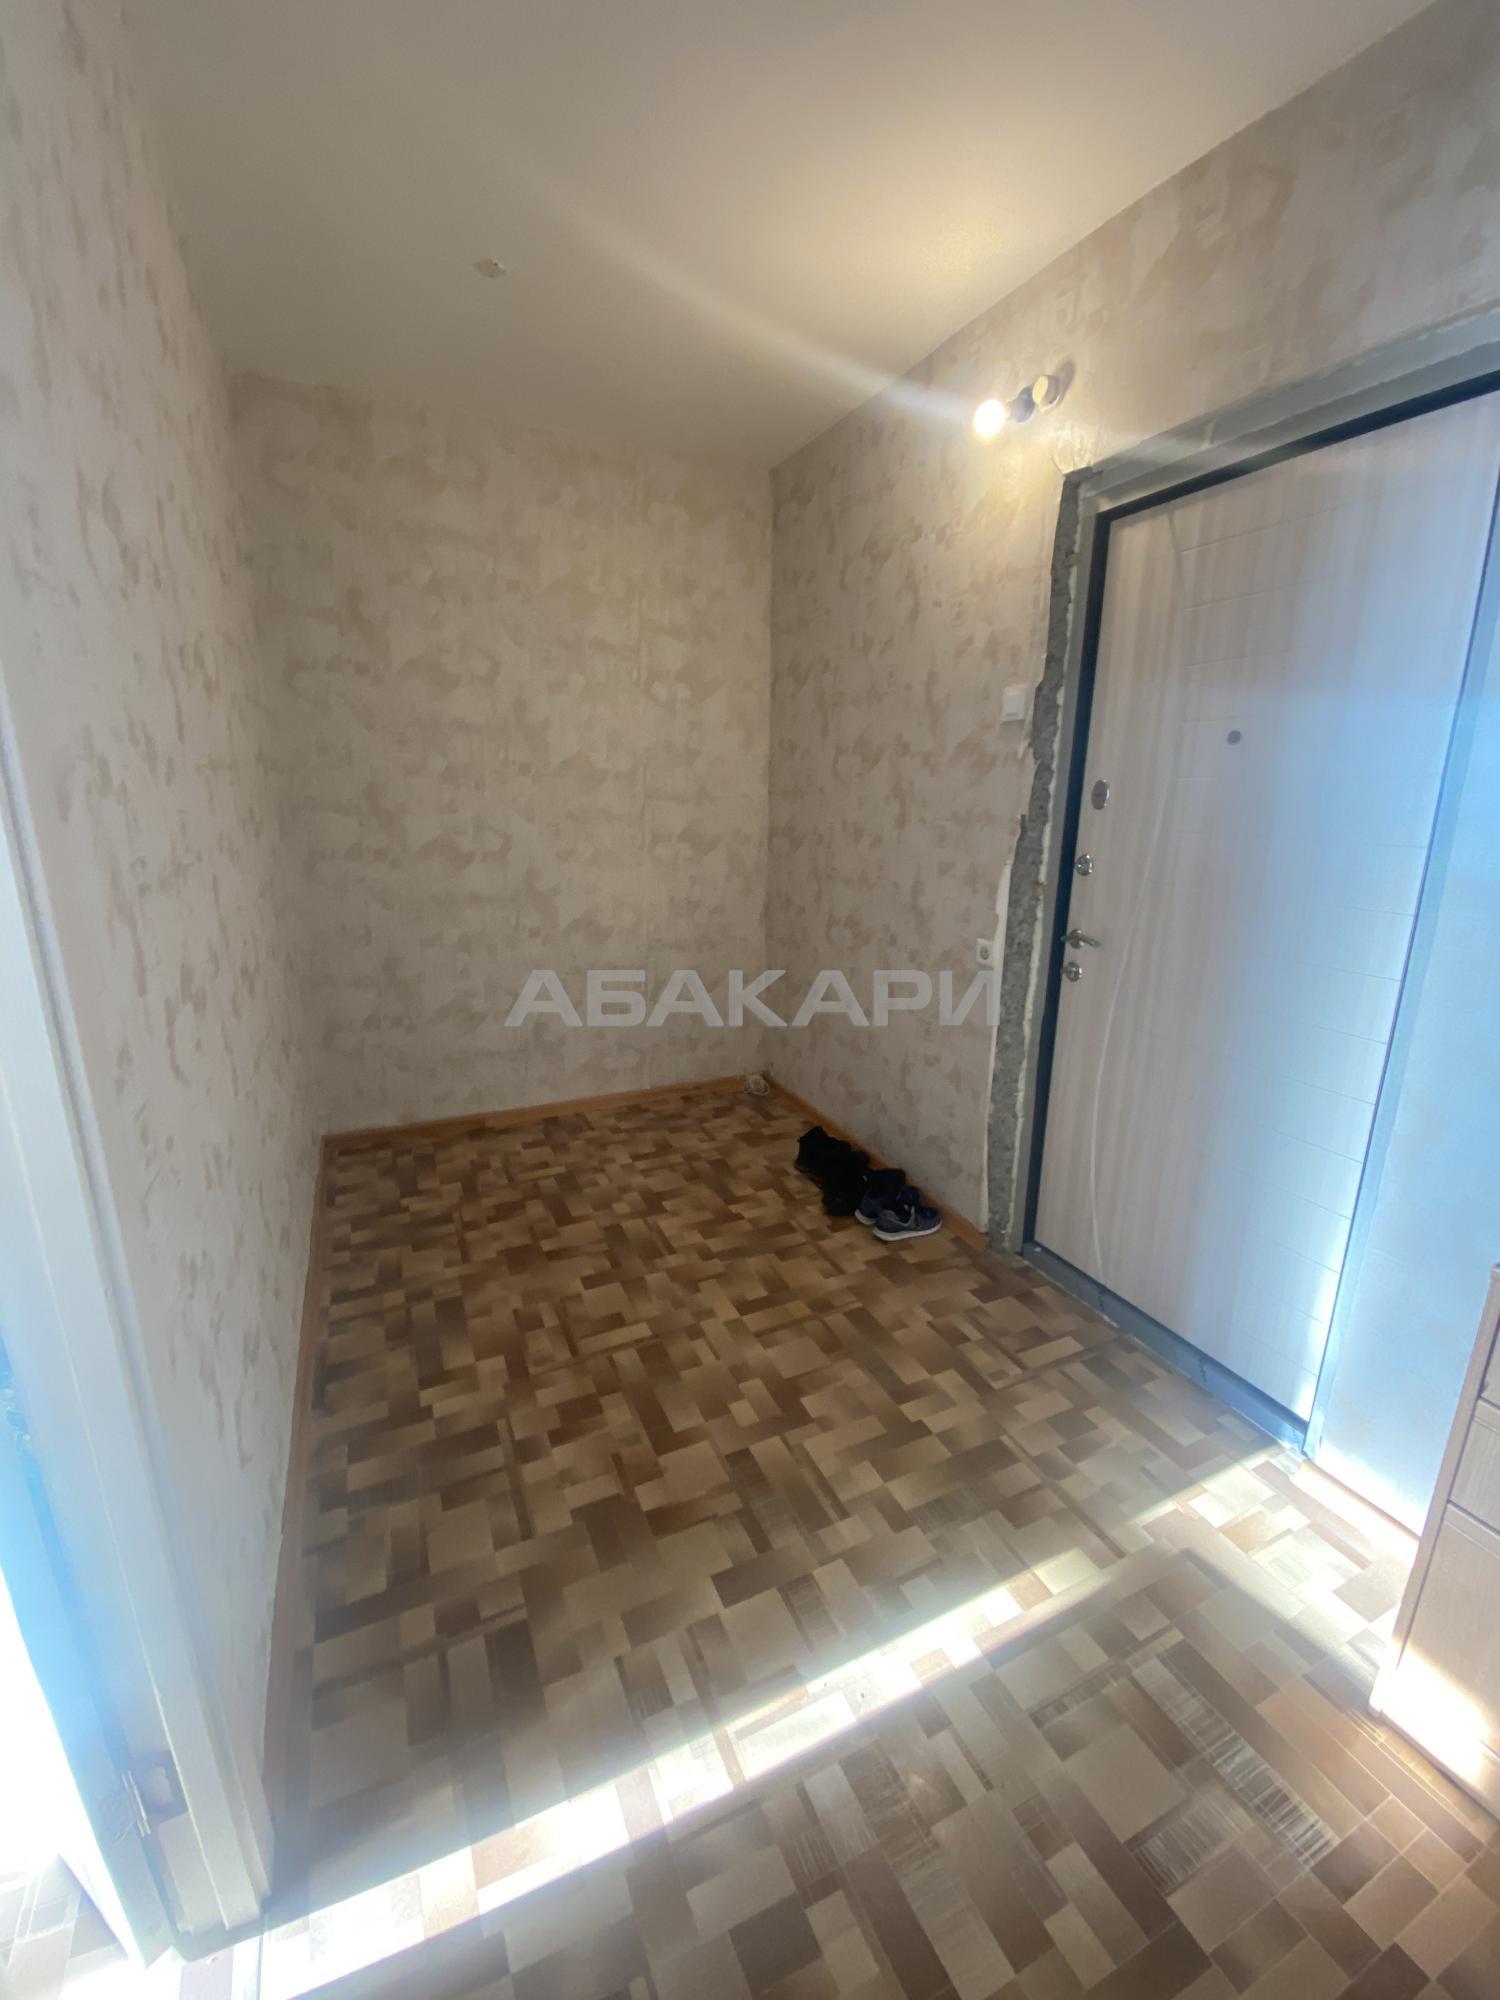 2к квартира улица Дмитрия Мартынова, 45 12/14 - 57кв | 23000 | аренда в Красноярске фото 14